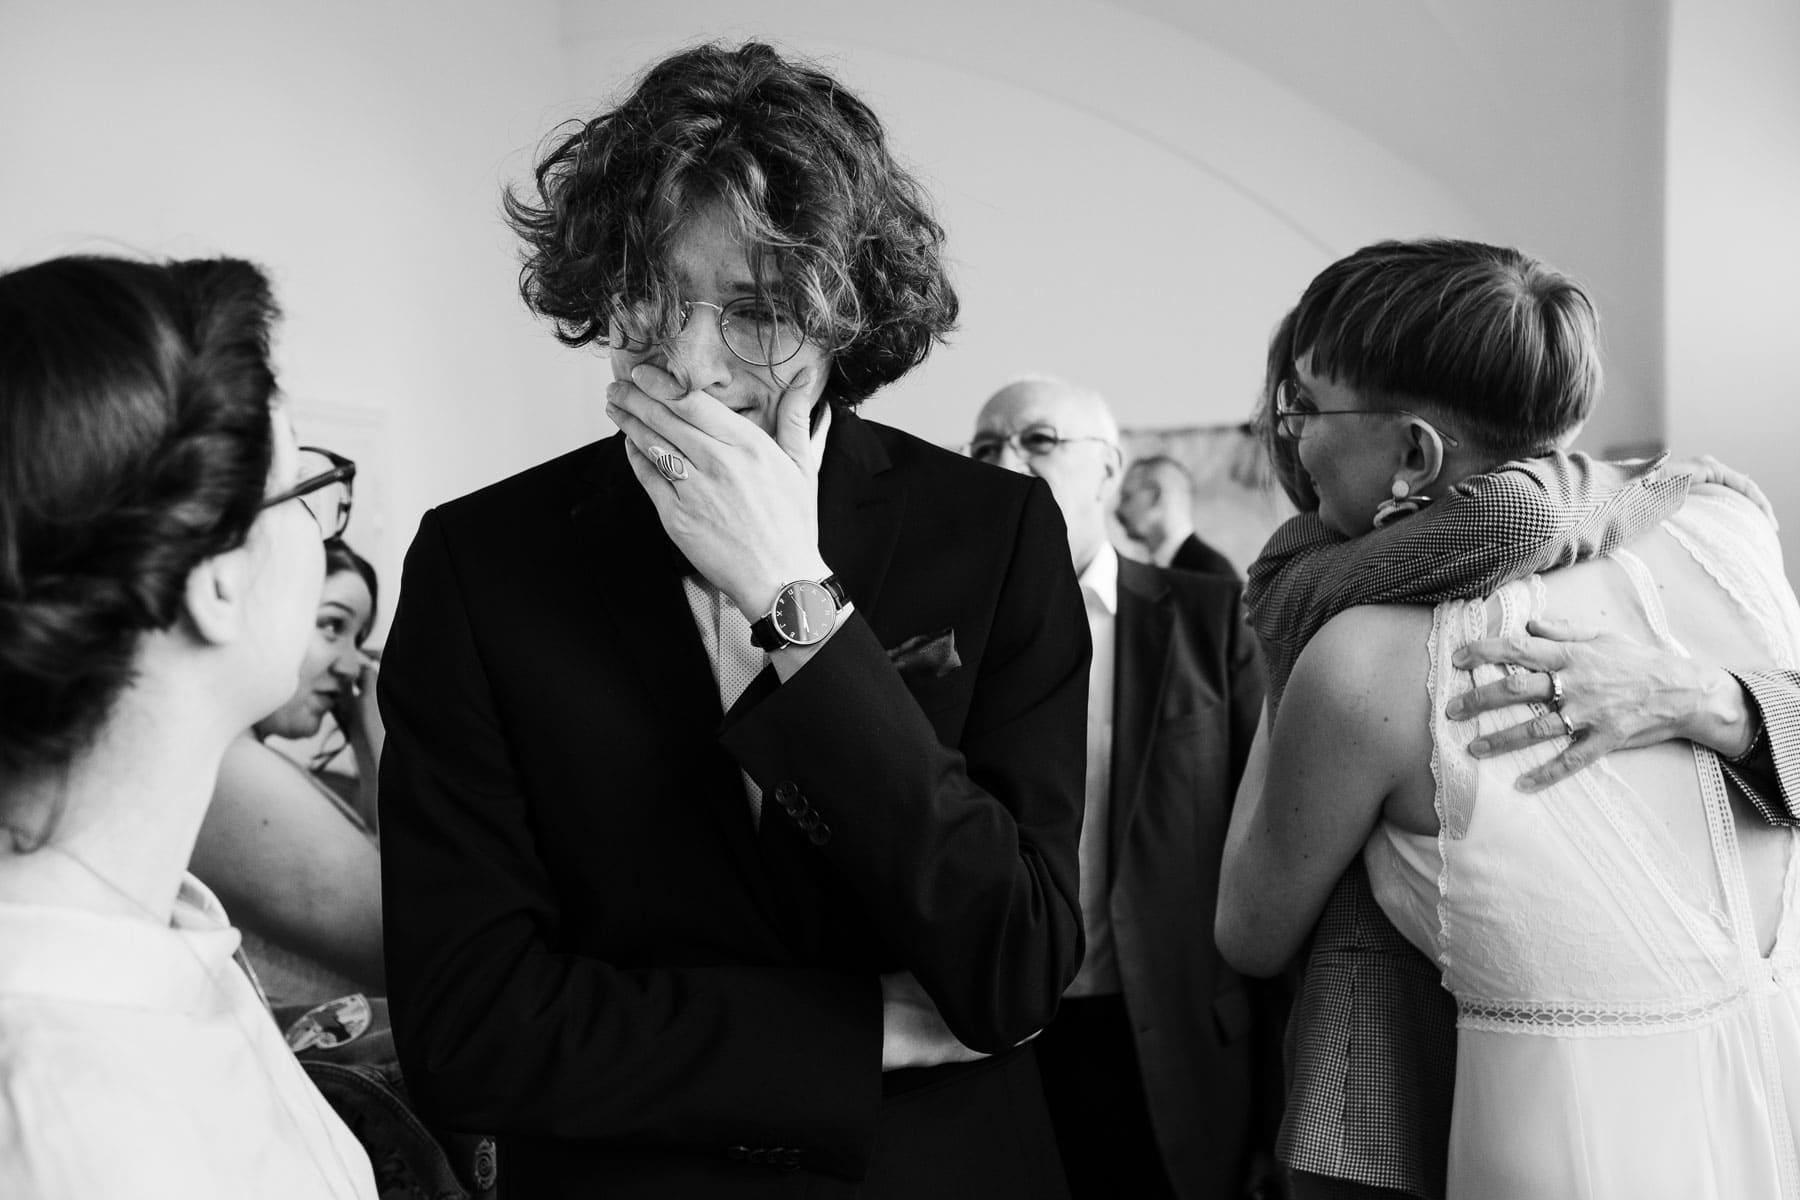 Der Bruder der Braut ist unglaublich gerührt und freut sich für das Hochzeitspaar.